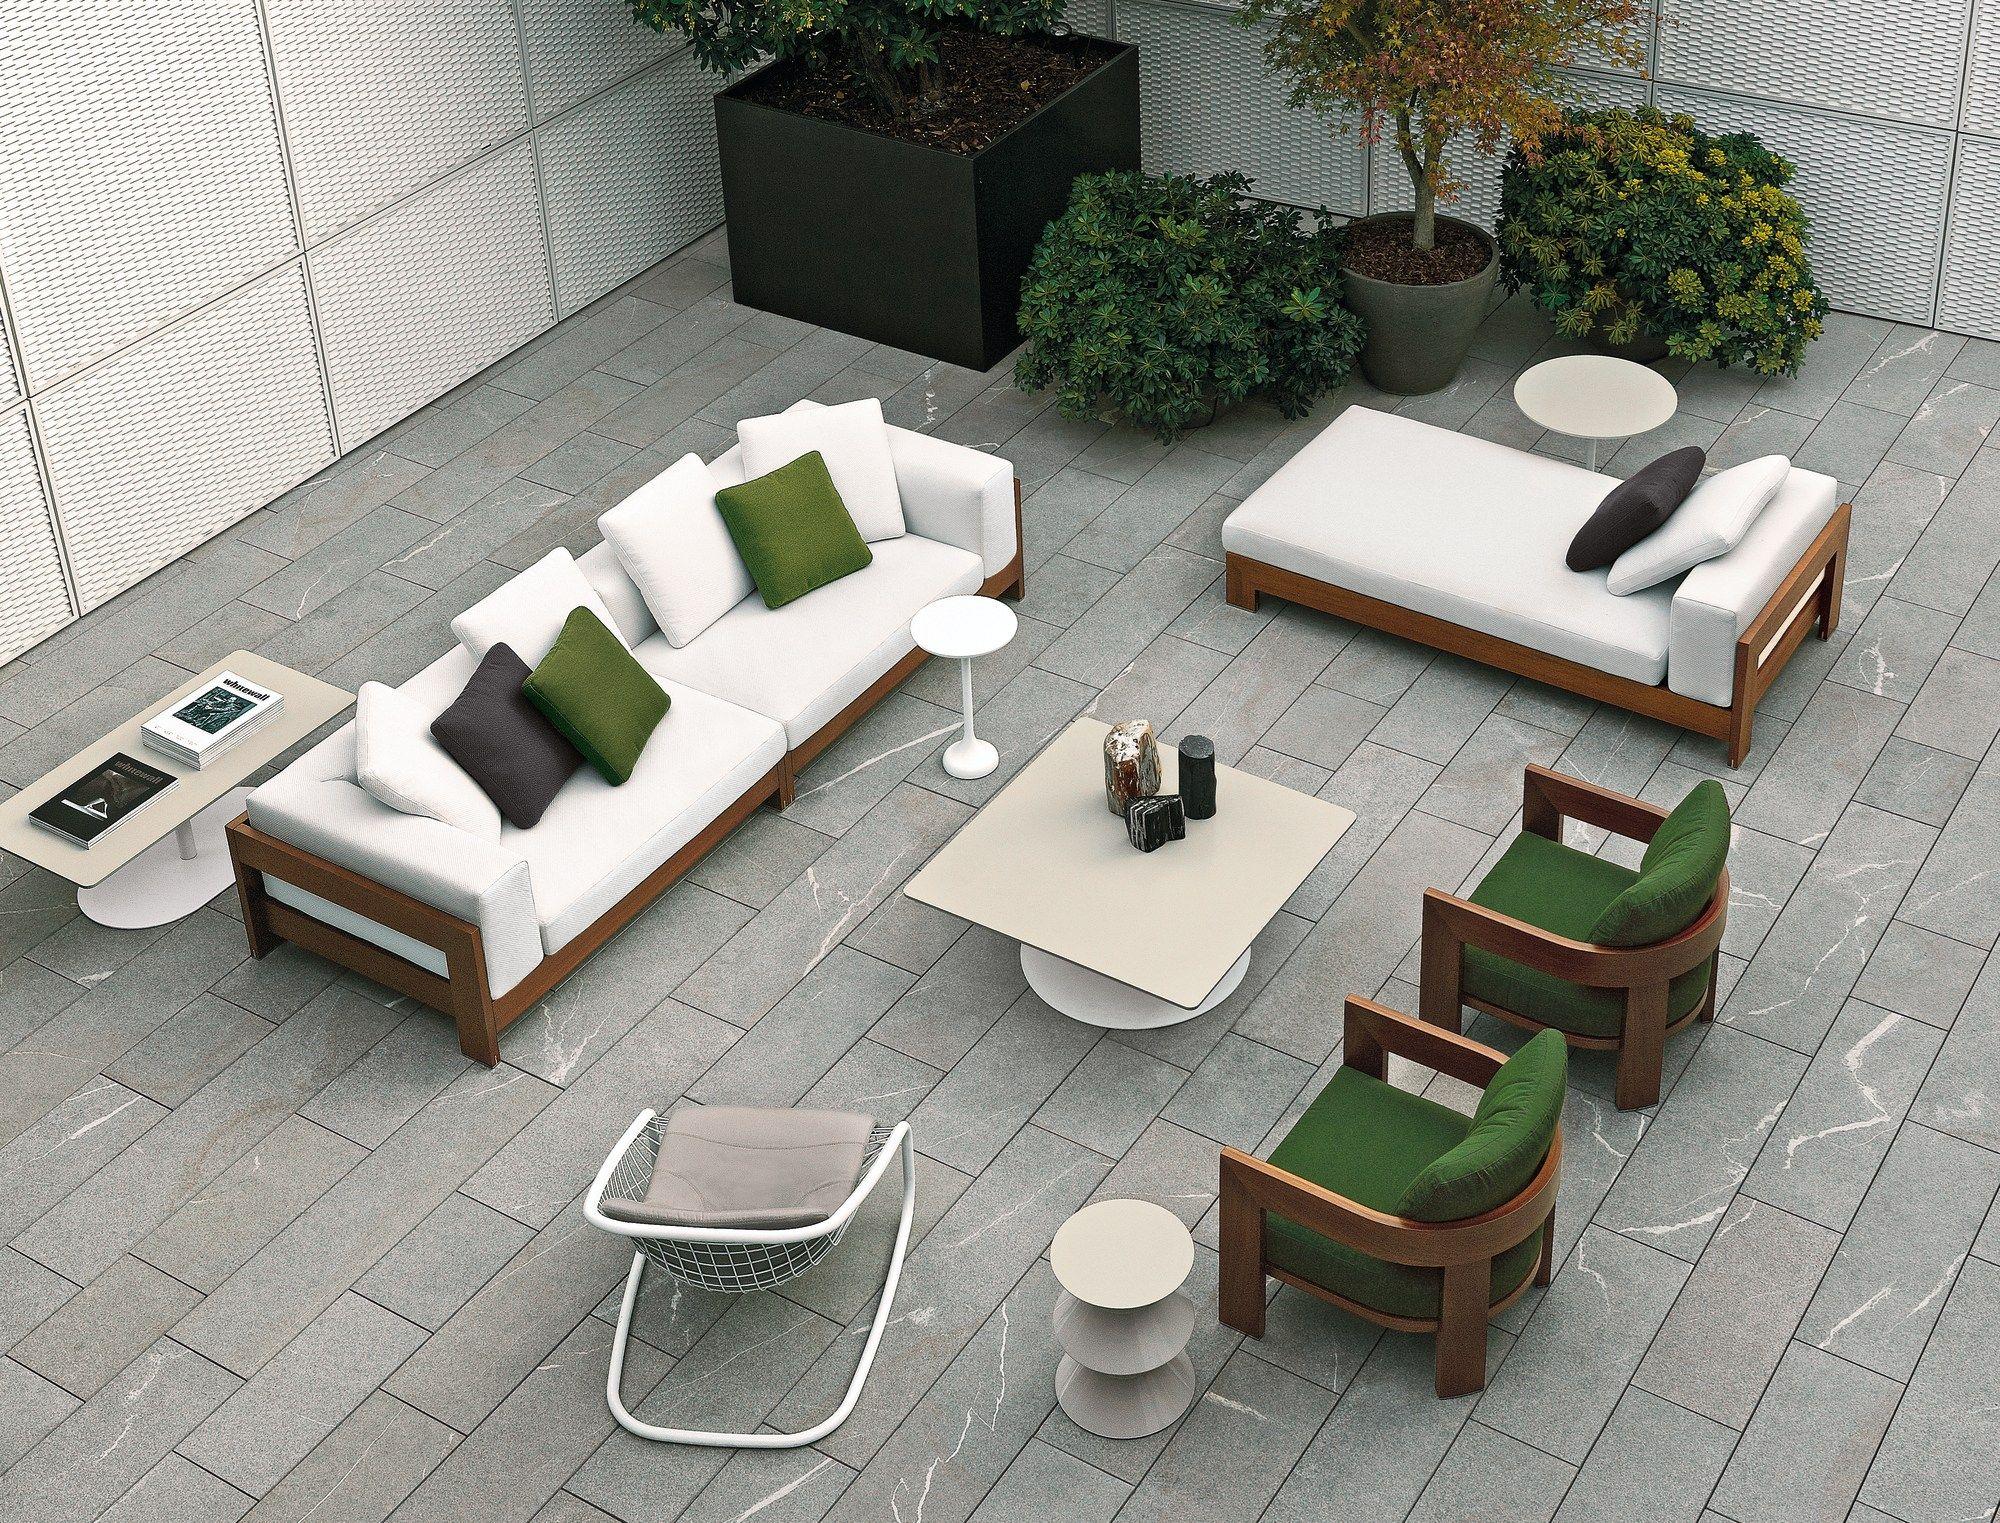 ALISON IROKO OUTDOOR by Minotti design Roberto Minotti | outside ...